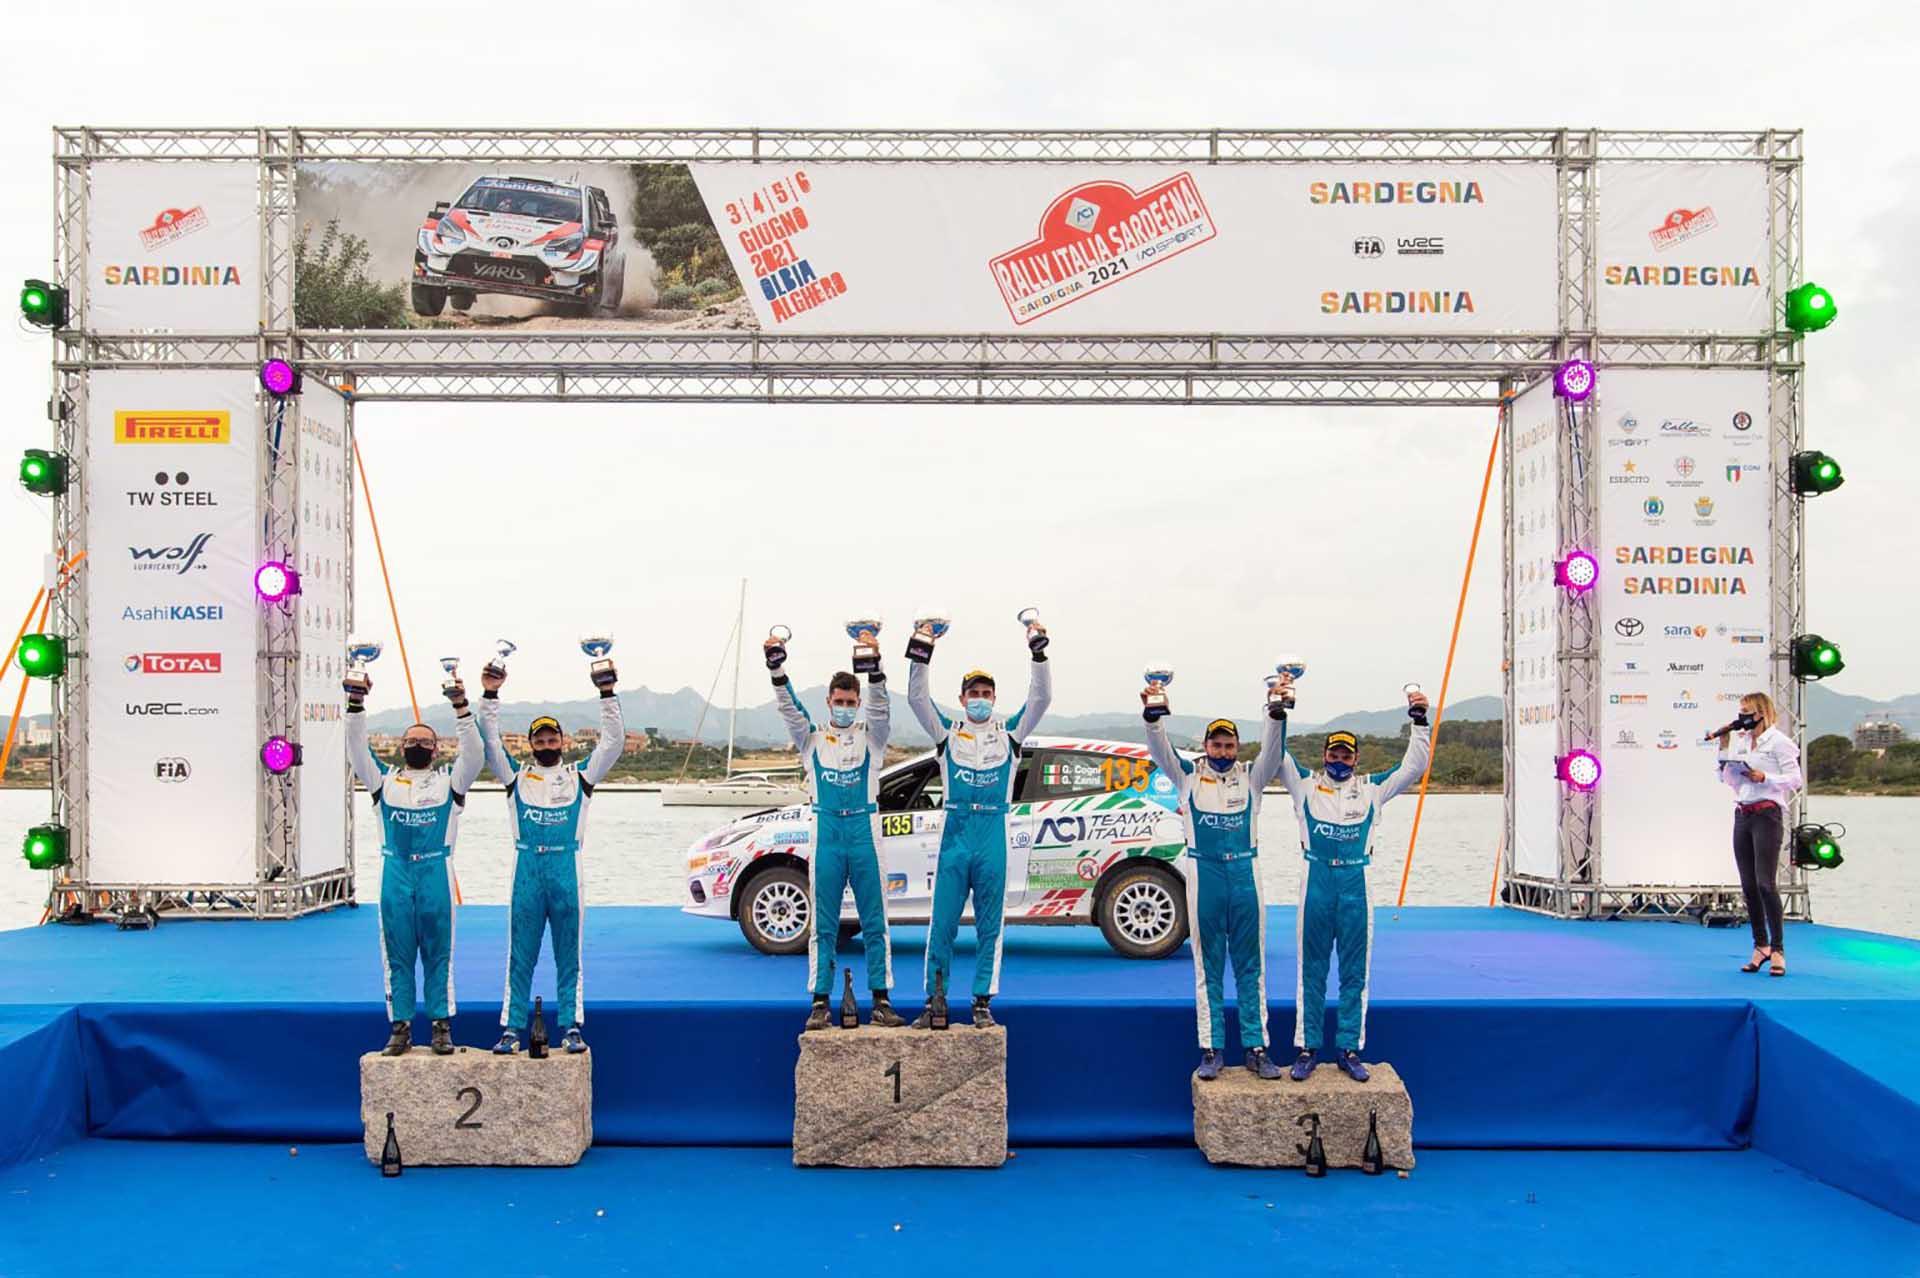 In Sardegna vittoria per Cogni-Zanni (Ford Fiesta Rally 4), tra gli 11 equipaggi di ACI Team Italia